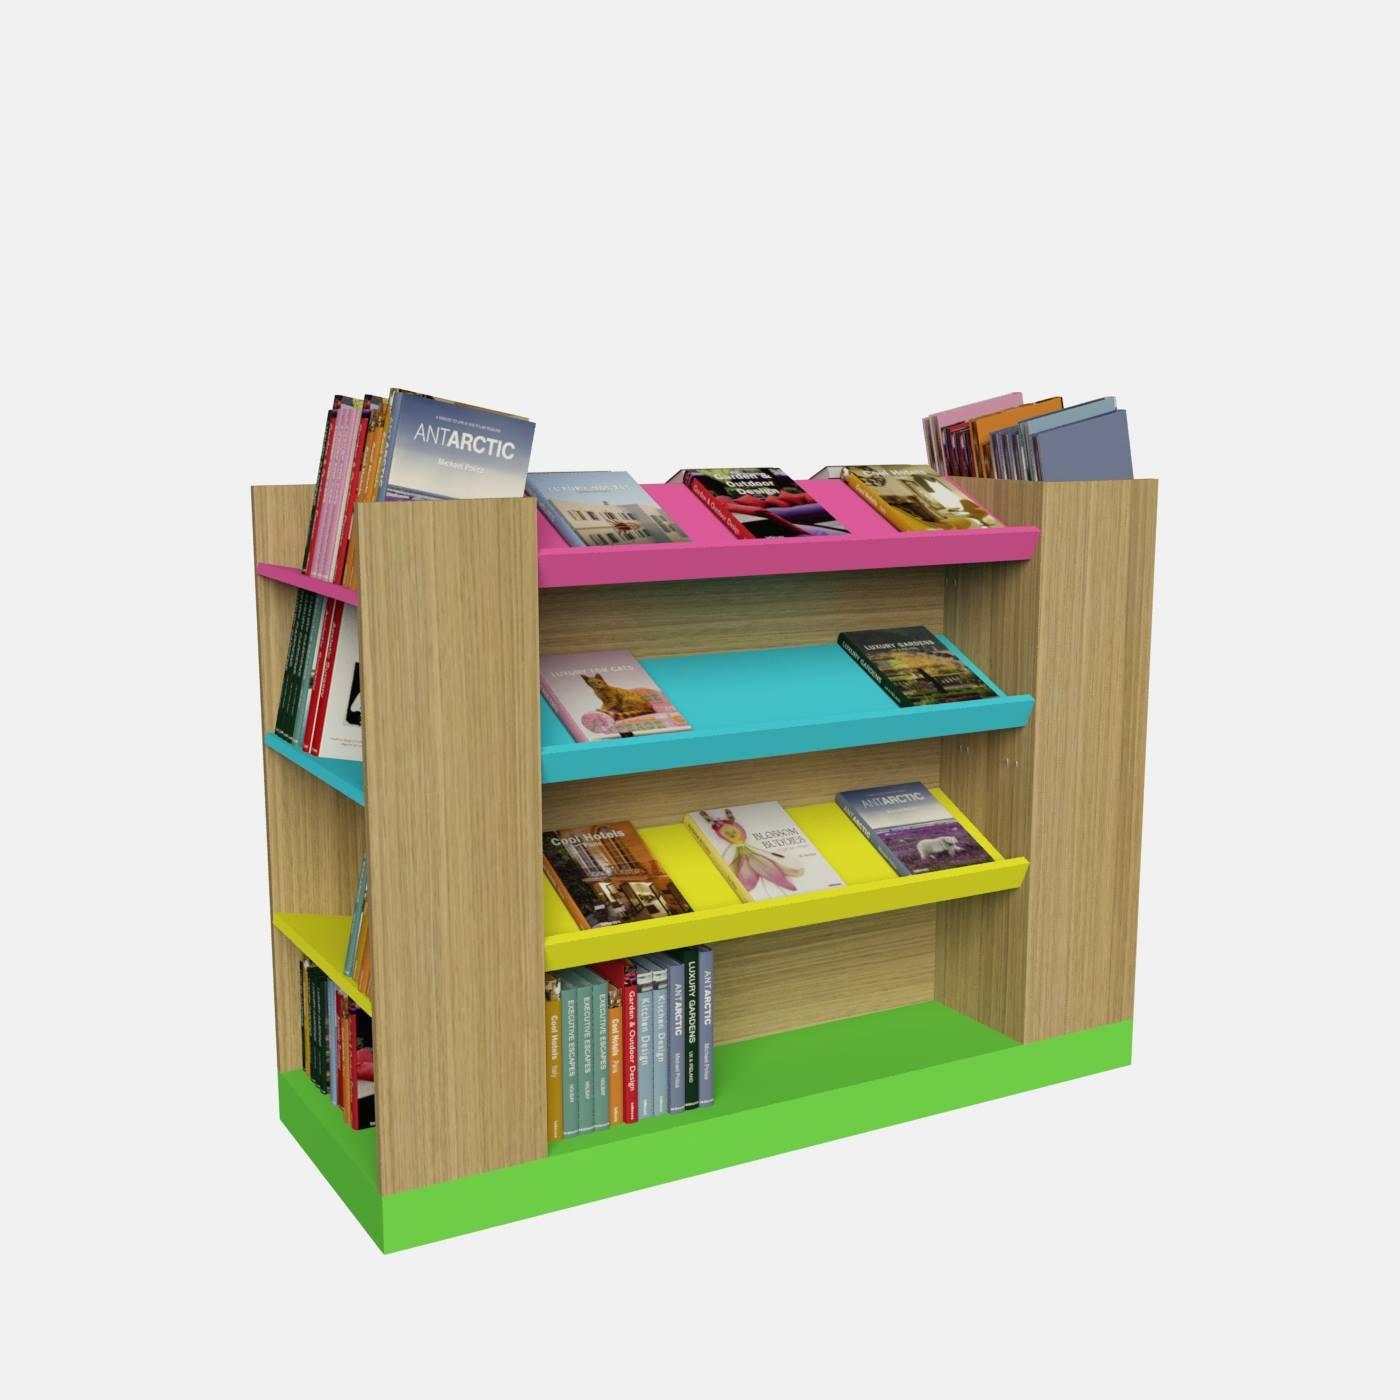 Ραφιέρα βιβλιοπωλείου μελαμίνη έπιπλο οικονομική τιμή κεκλιμένα ράφια για βιβλία επίπλωση βιβλιοπωλείου